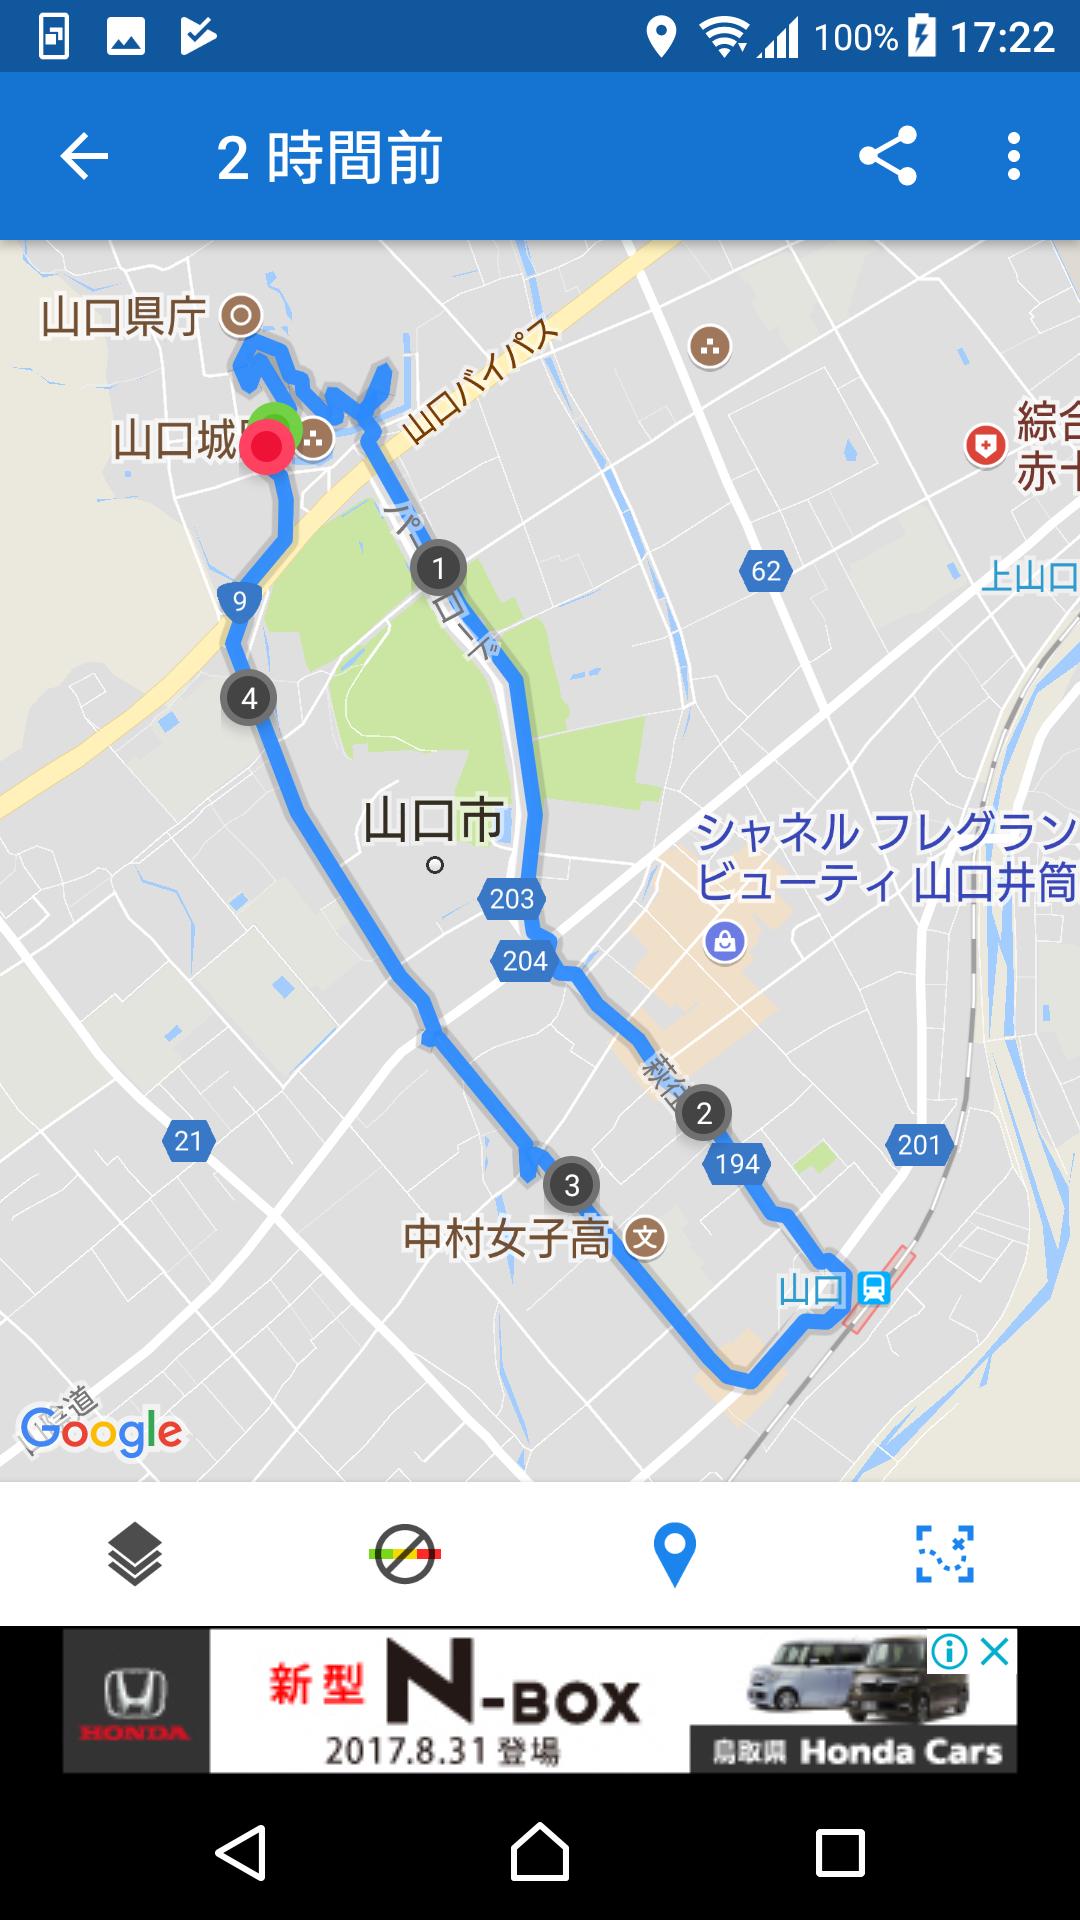 f:id:ynakayama27:20170811160504p:plain